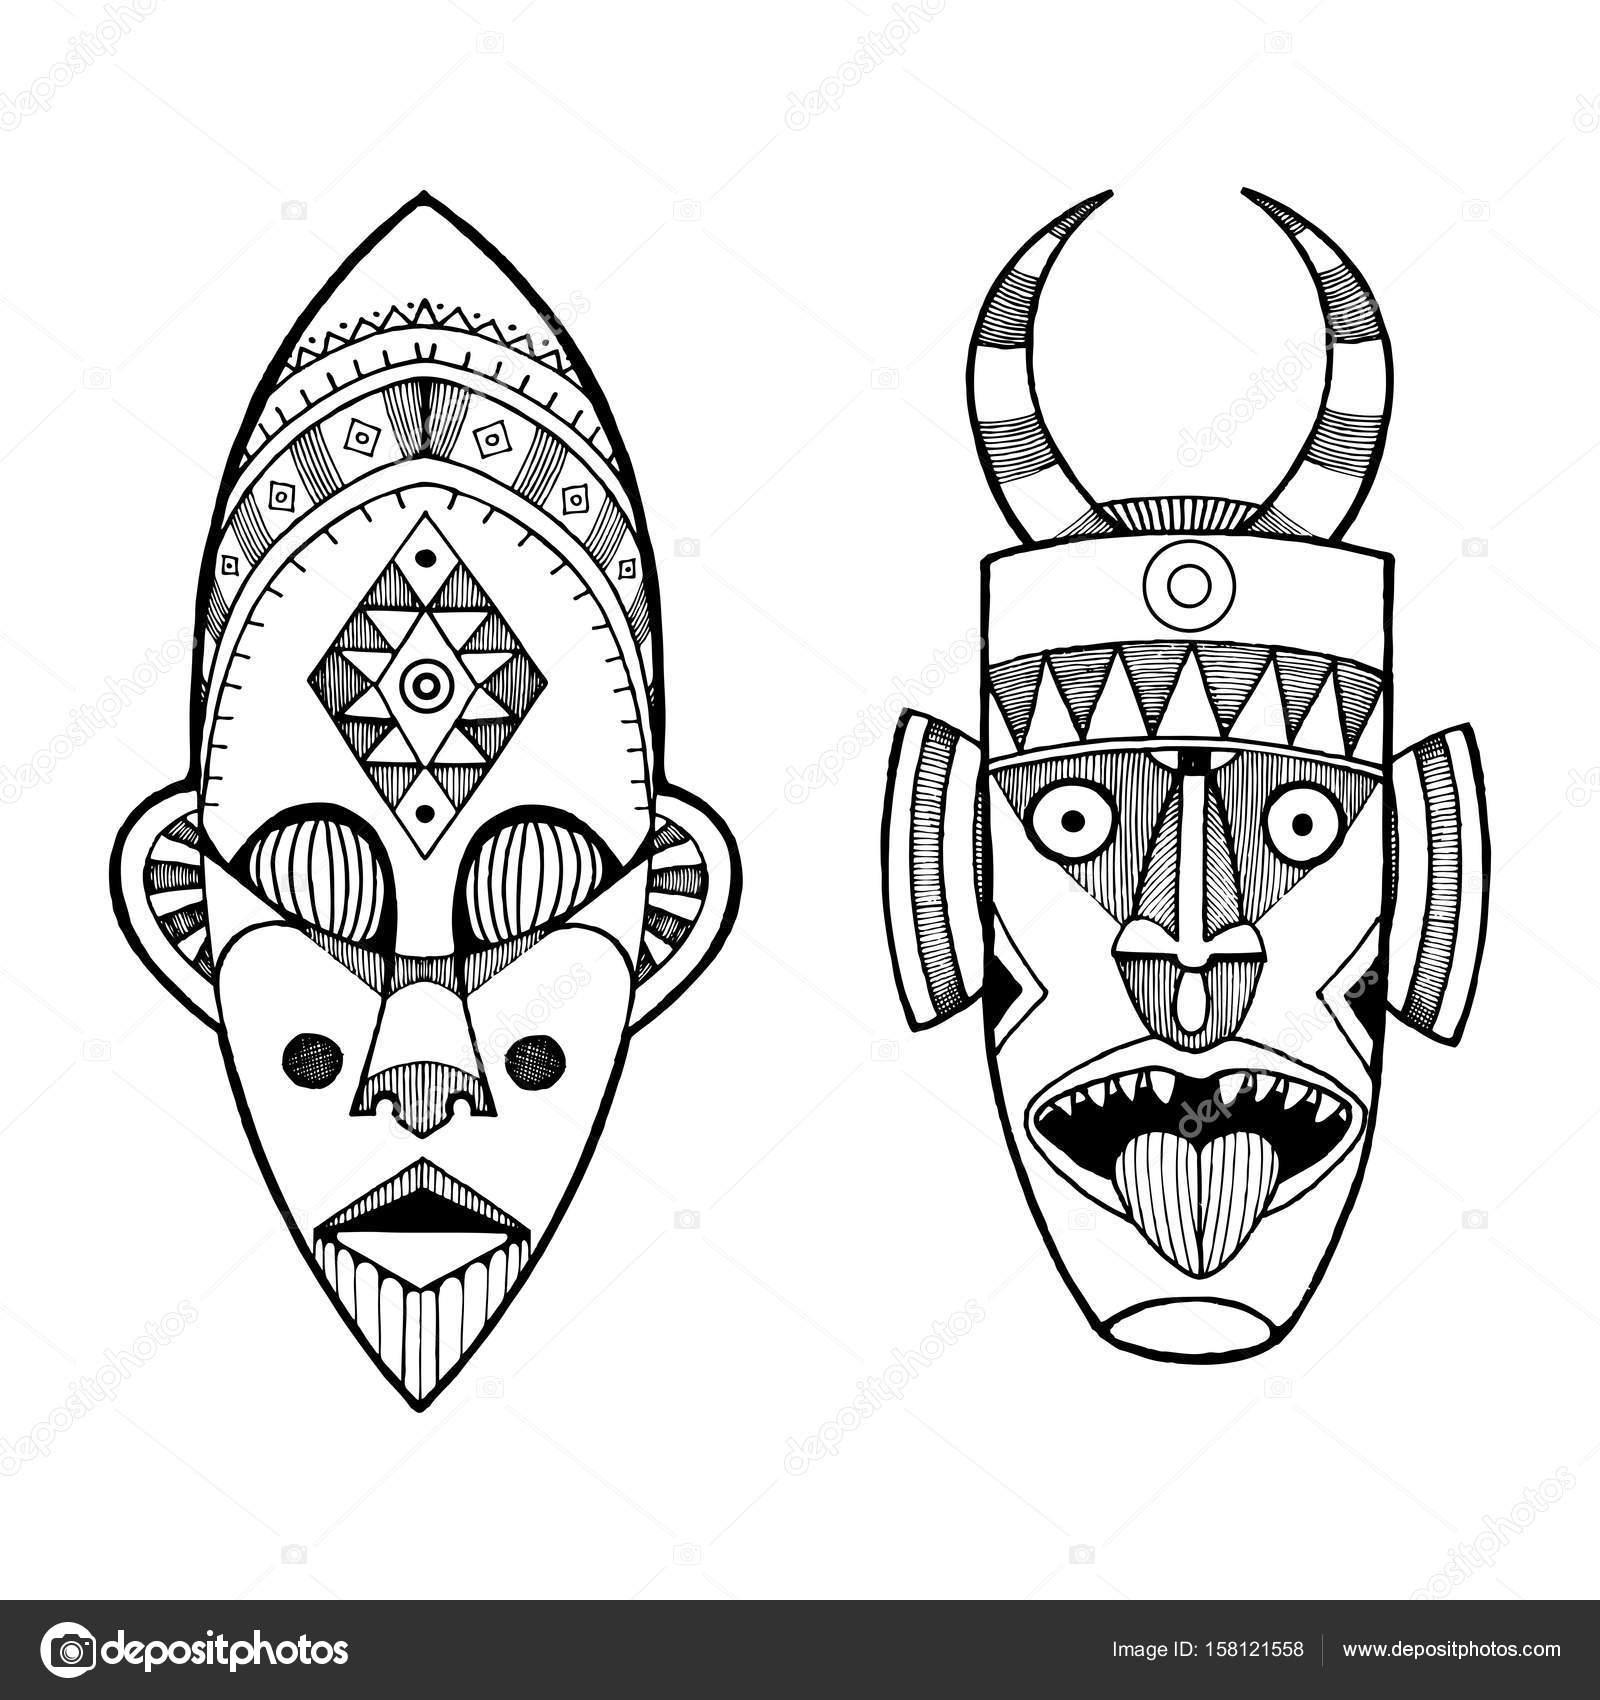 Afrikaanse Maskers Van Savages Gravure Stijl Vector Vectorafbeelding Door C Alexanderpokusay Vectorstock 158121558